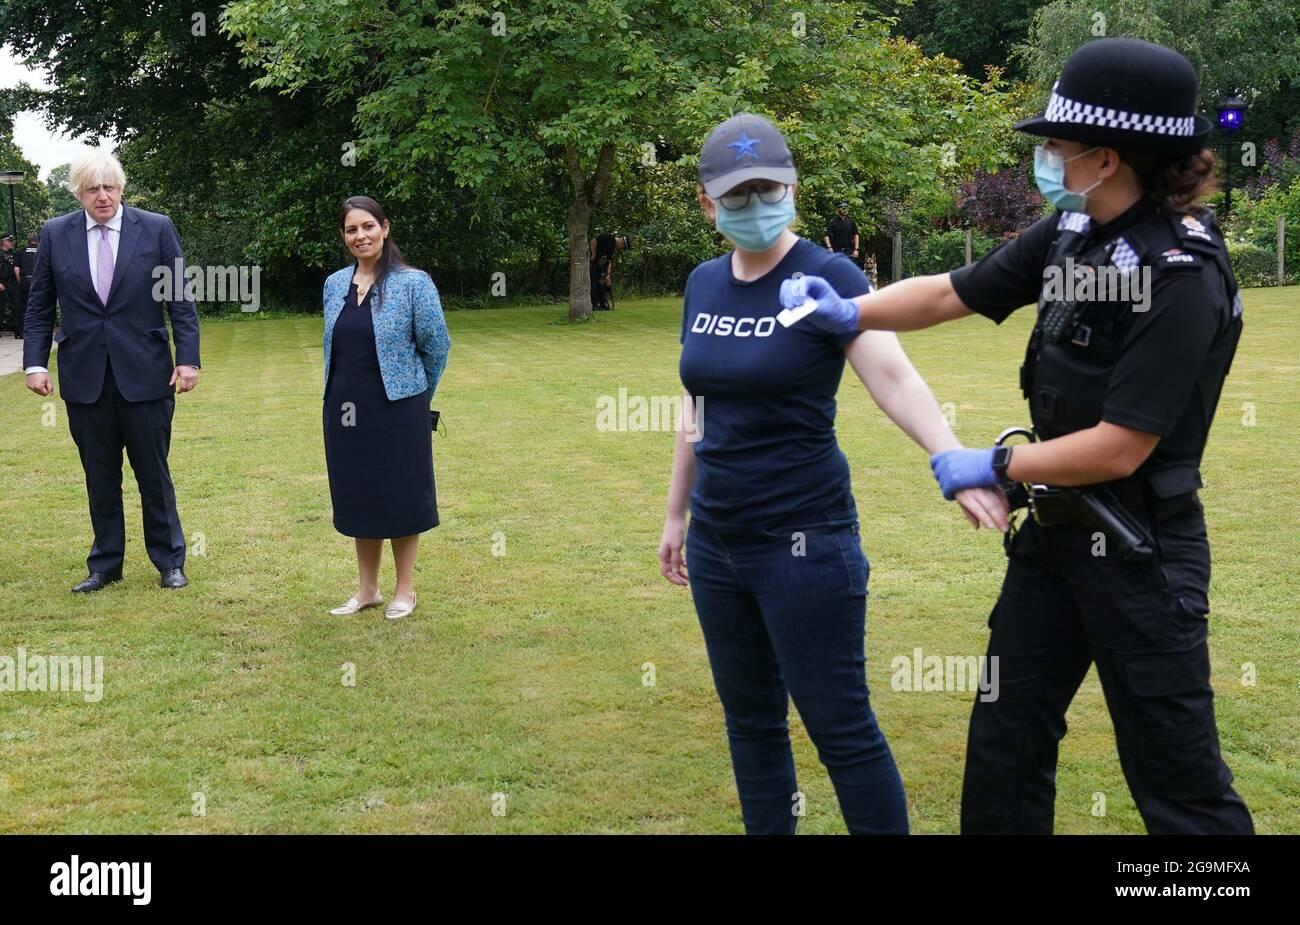 El Primer Ministro Boris Johnson y el Secretario del Interior Priti Patel observan un ejercicio de búsqueda durante una visita a la sede de la Policía de Surrey en Guildford, Surrey, coincidiendo con la publicación del Plan de Crimen de Gata del Gobierno. Fecha de la foto: Martes 27 de julio de 2021. Foto de stock